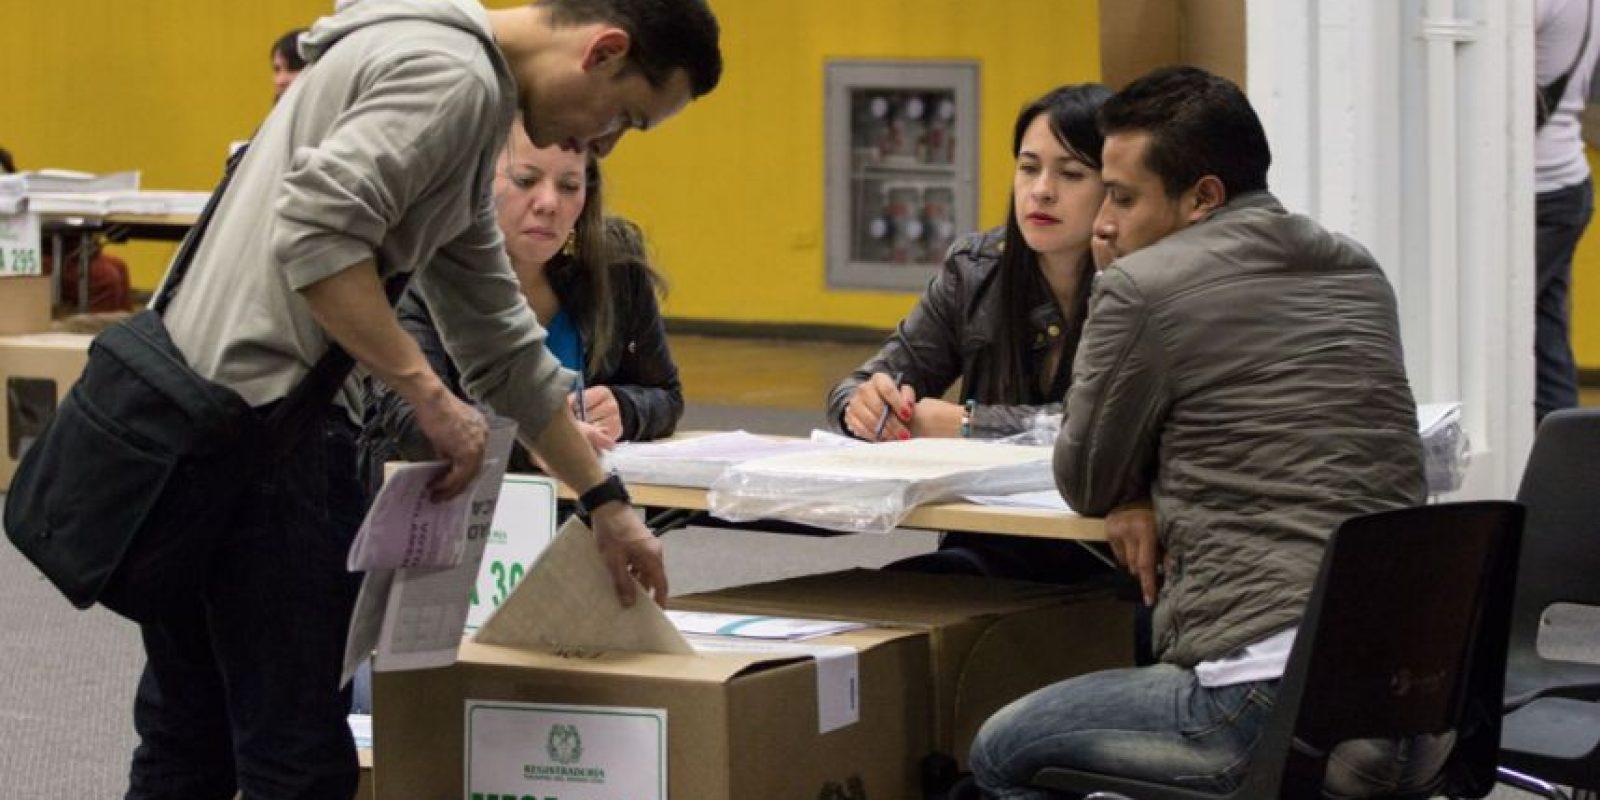 Averigüe si es jurado de votación y ahórrese una millonaria multa Foto:Archivo Publimetro